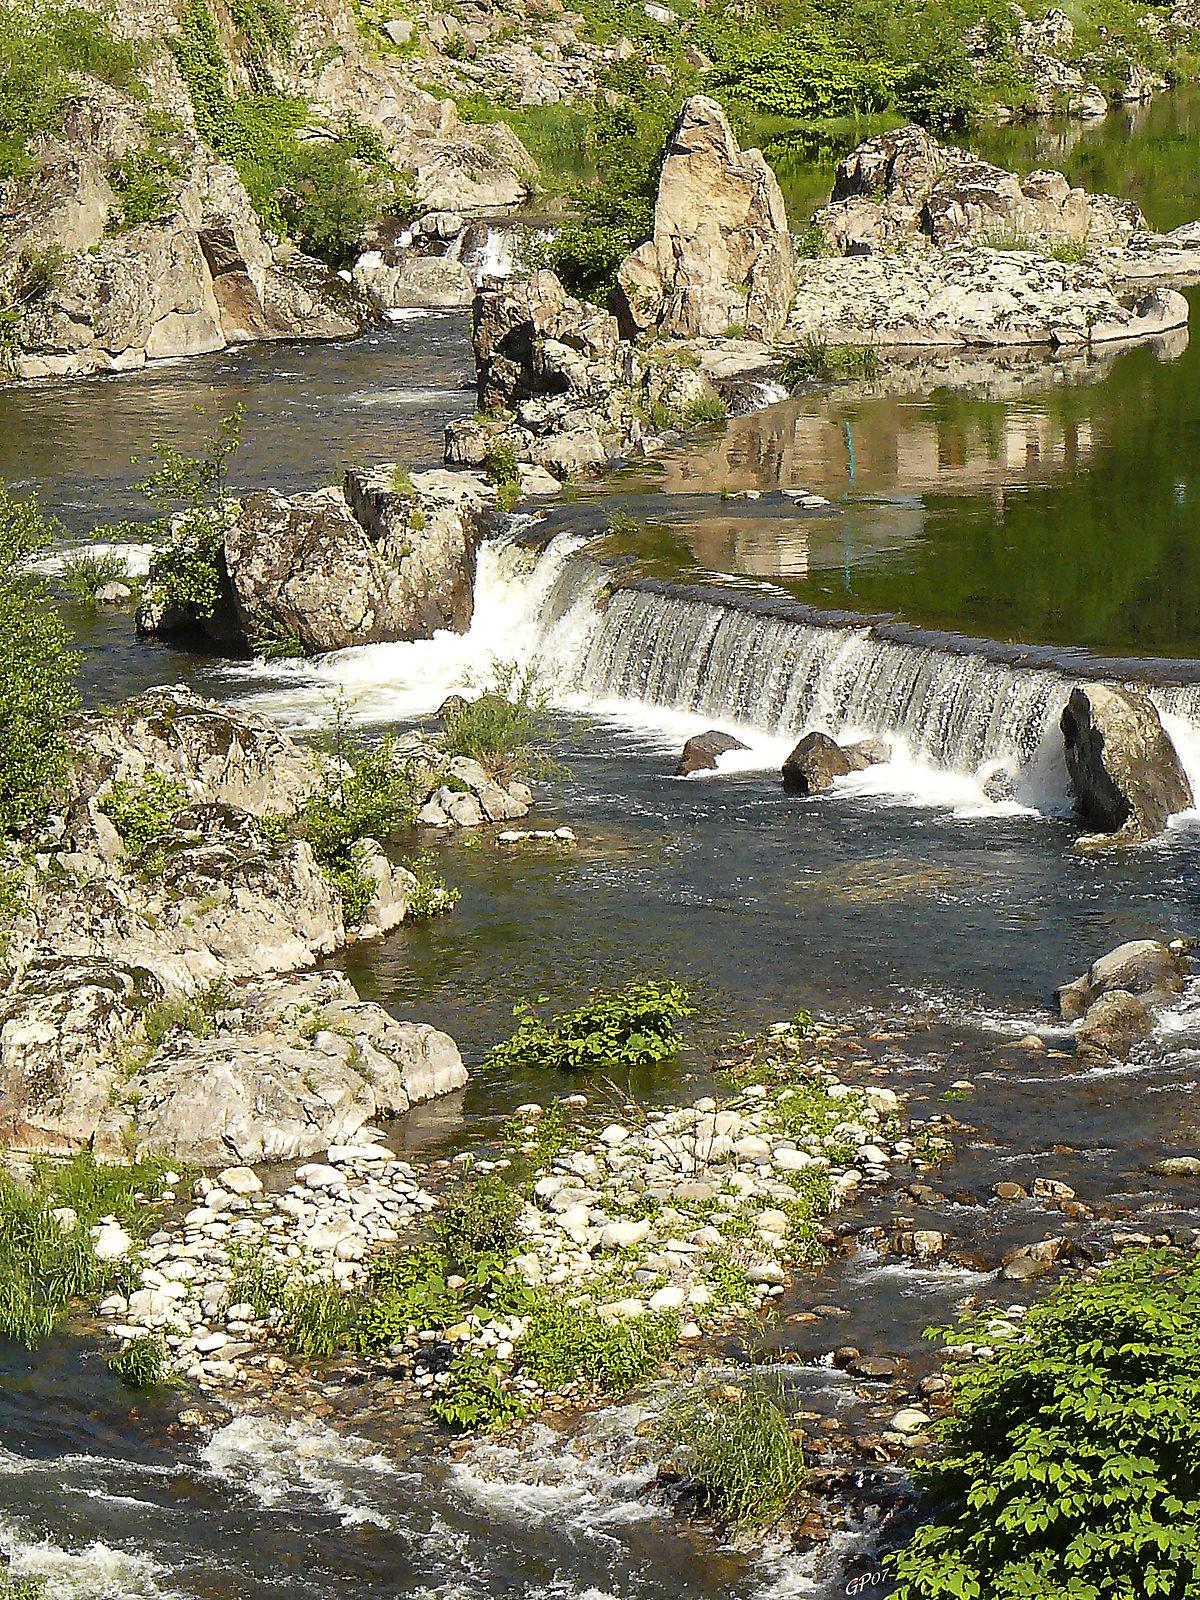 Eyrieux river wikipedia - Saint sauveur de montagut office du tourisme ...